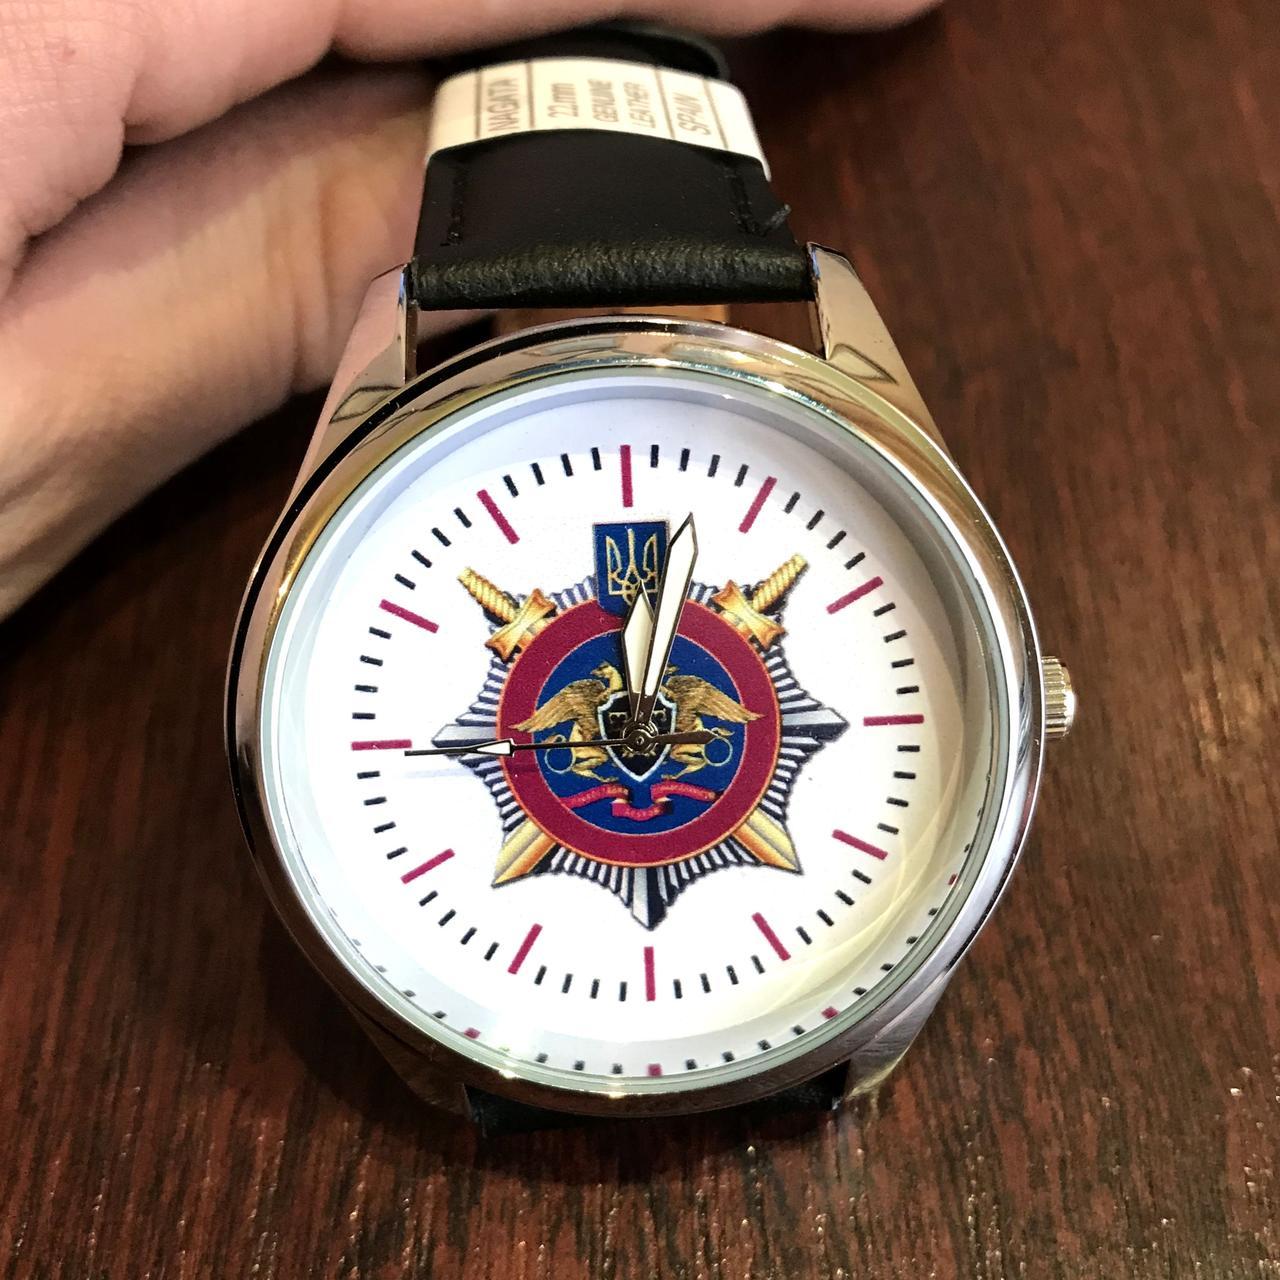 Часы наручные с логотипом ДКВС (Державна кримінально-виконавча служба України)